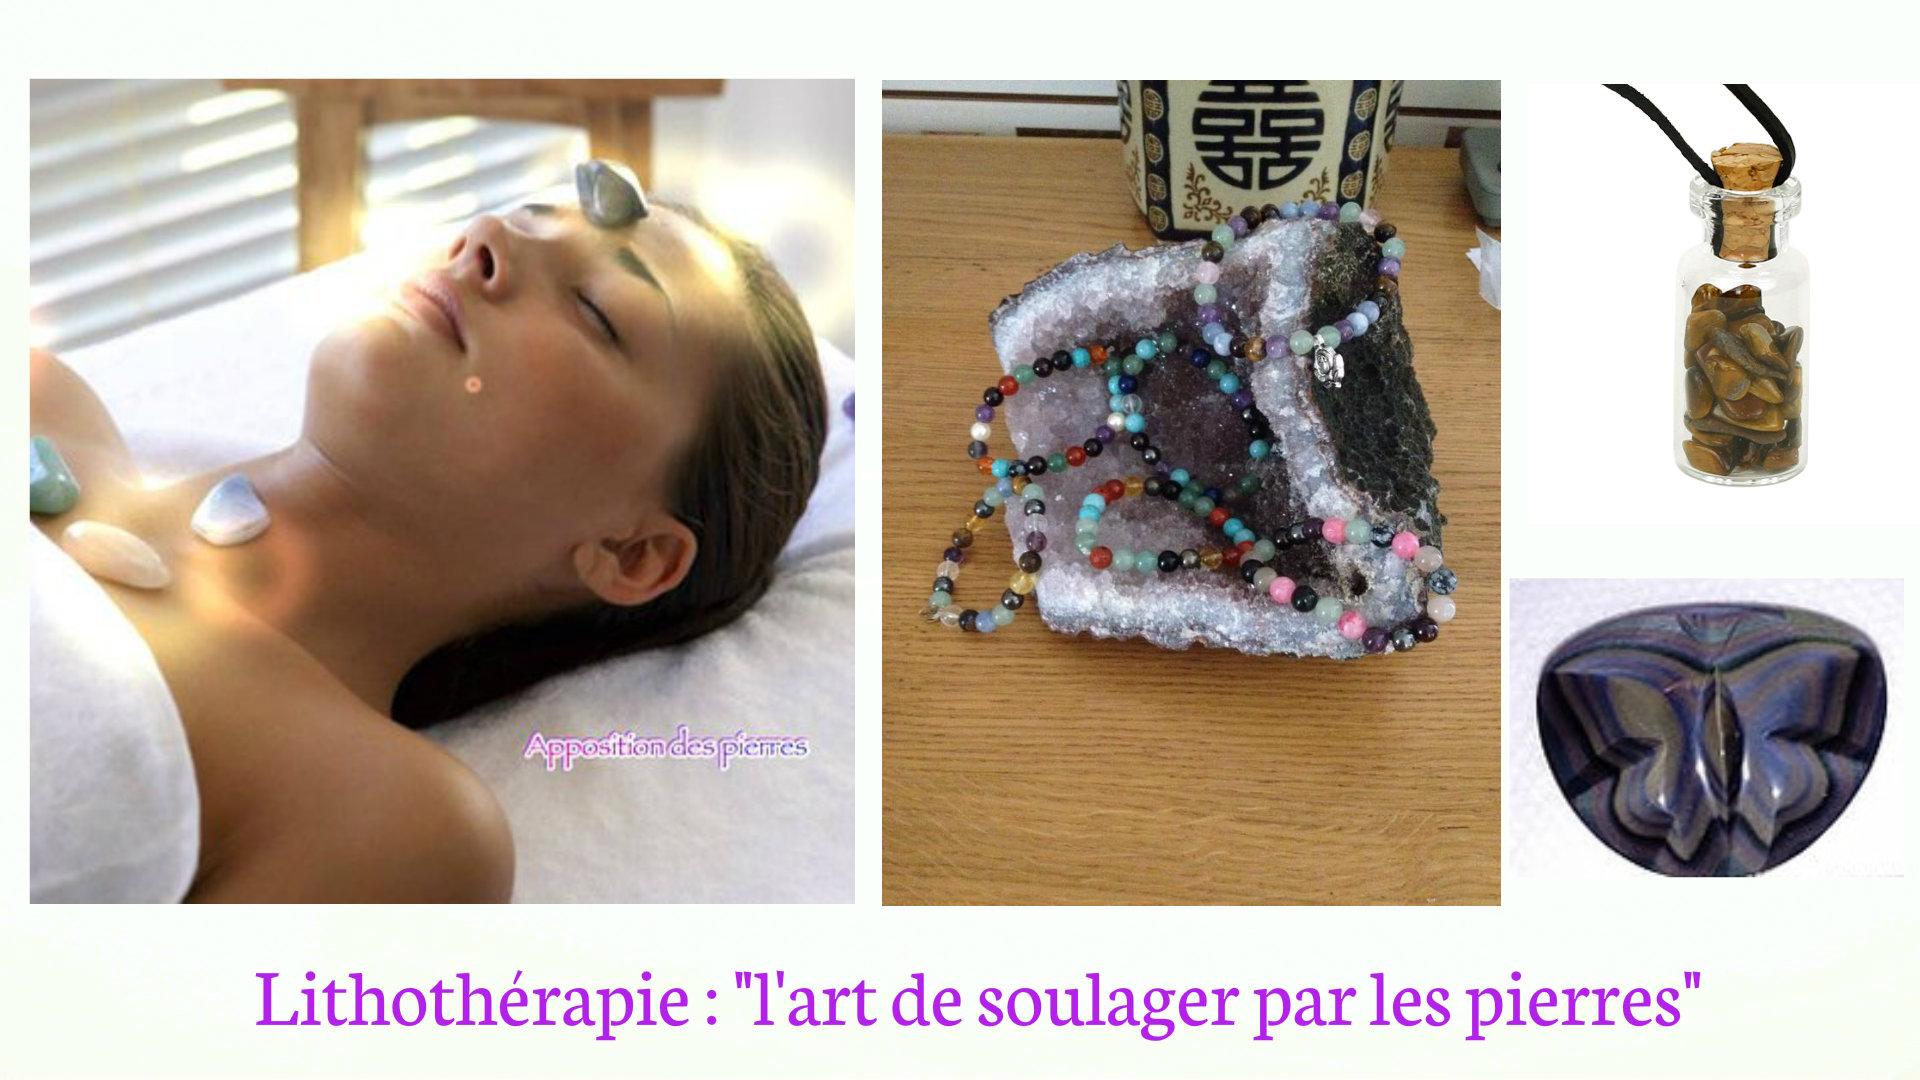 Lithotherapeute lisieux, boutique lithotherapie Lisieux, magasin mineraux, boutique de pierres